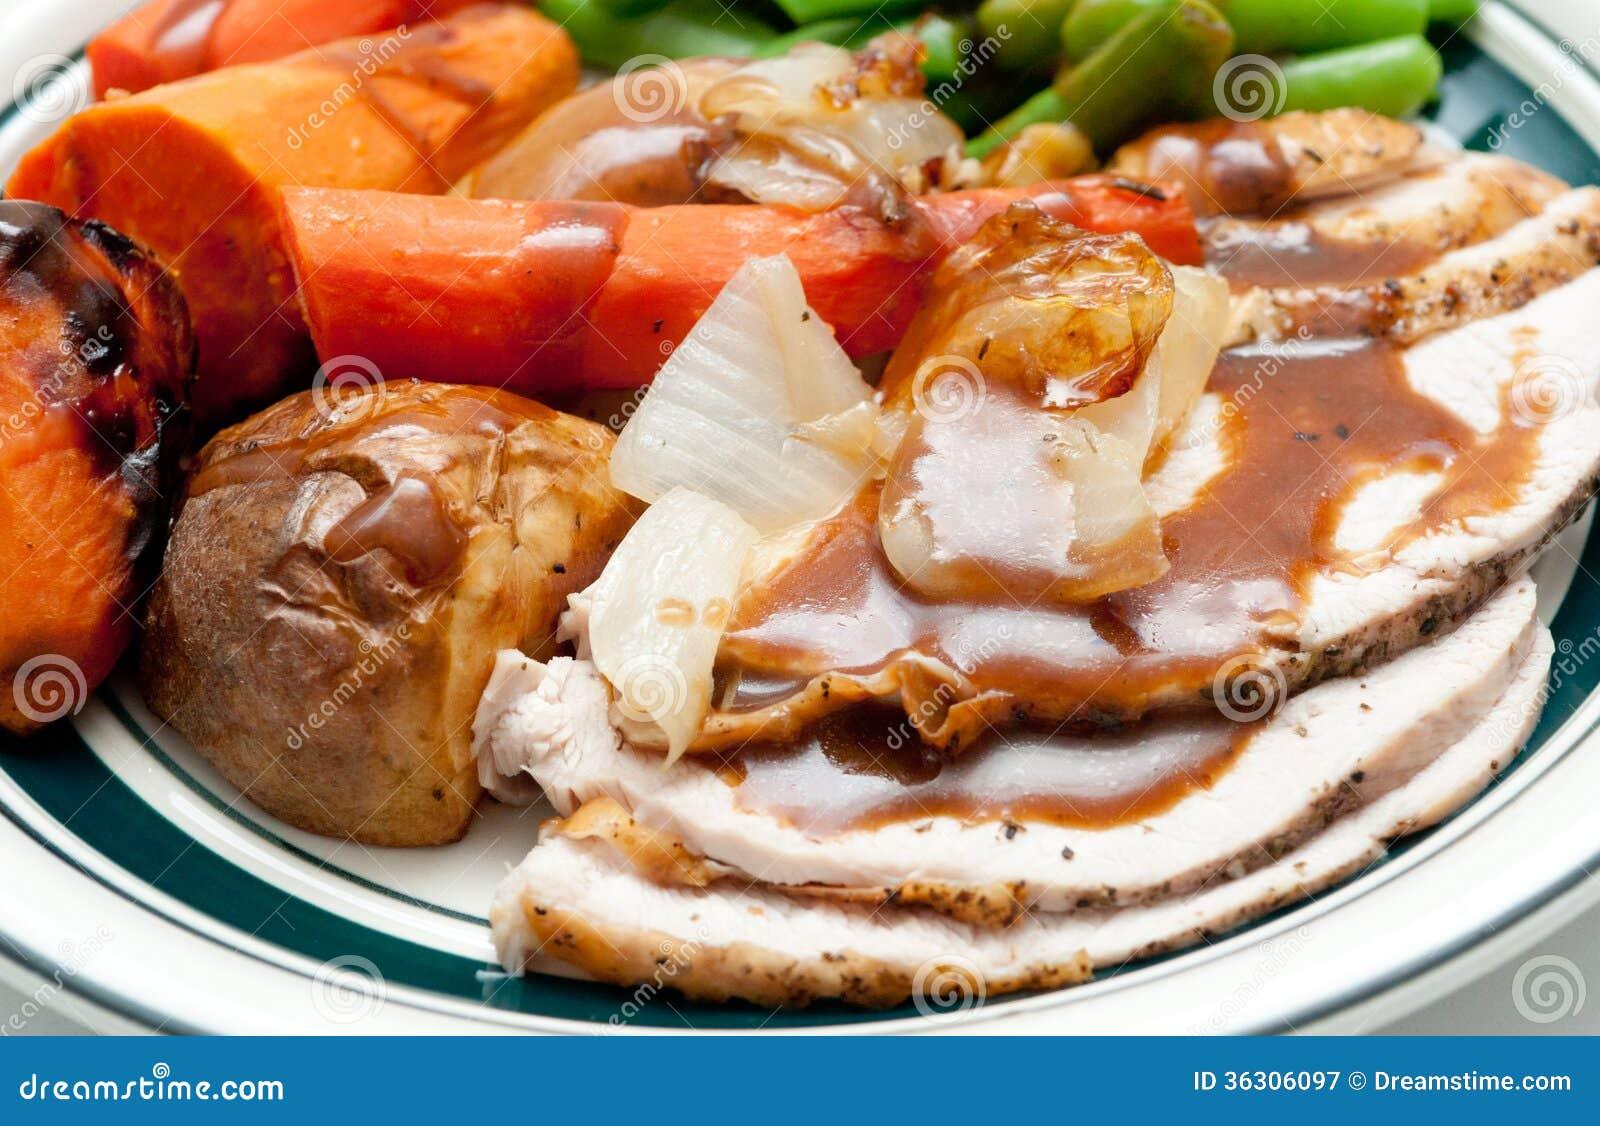 Cena tradicional del pavo con la piel, las rebanadas del pavo y el franco curruscantes